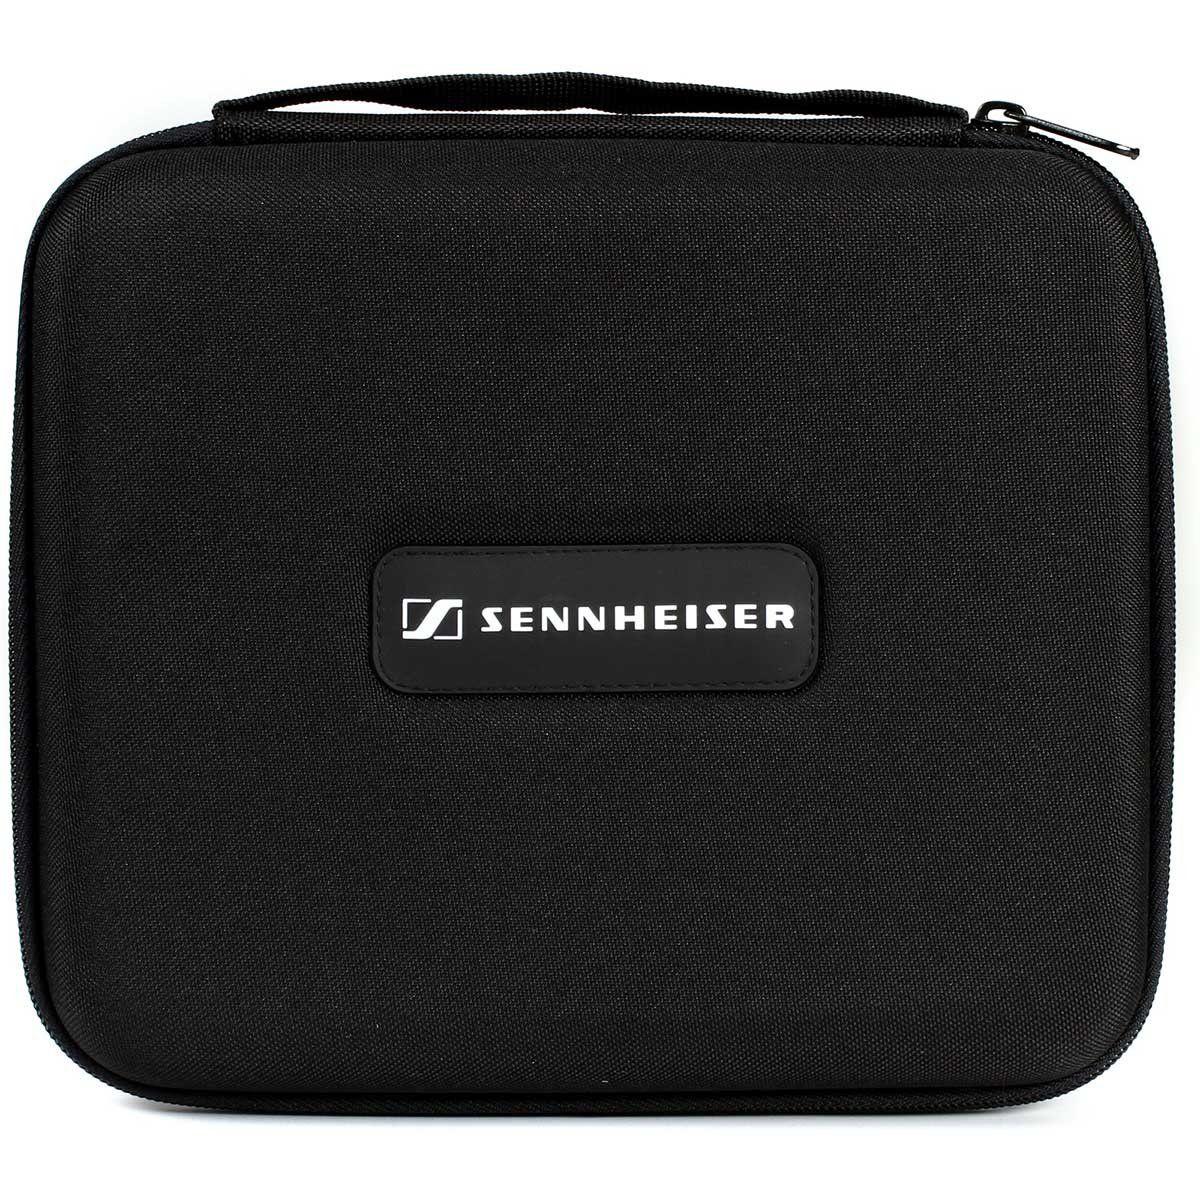 Sennheiser HD380-Pro Fone de Ouvido HD-380 Pro Fechado para Monitoramento e Gravação